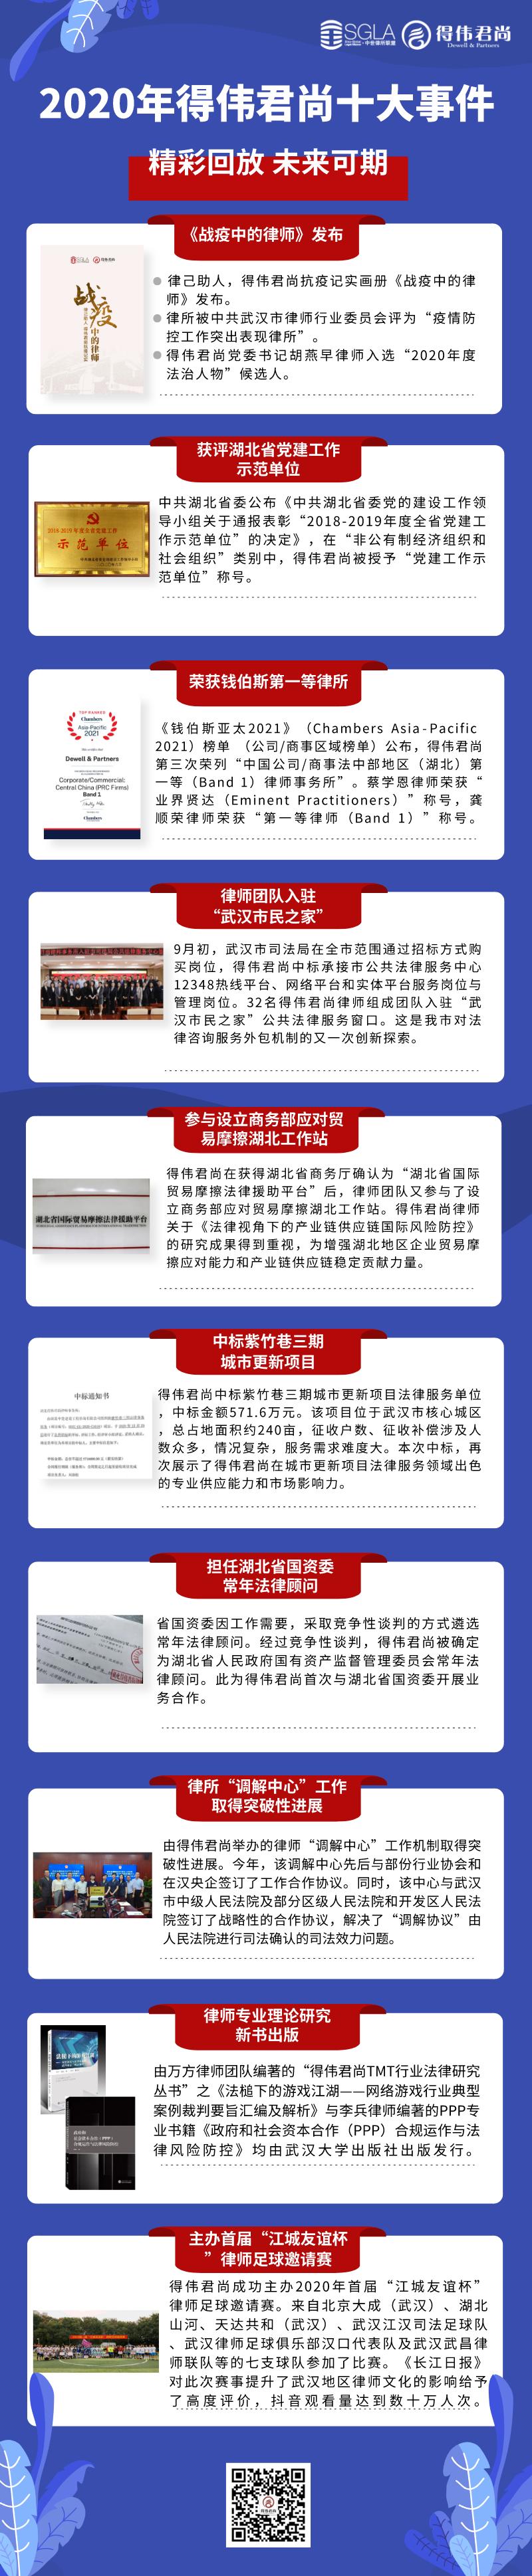 得伟君尚2020年大事记_自定义px_2021-02-18-0 (1).png